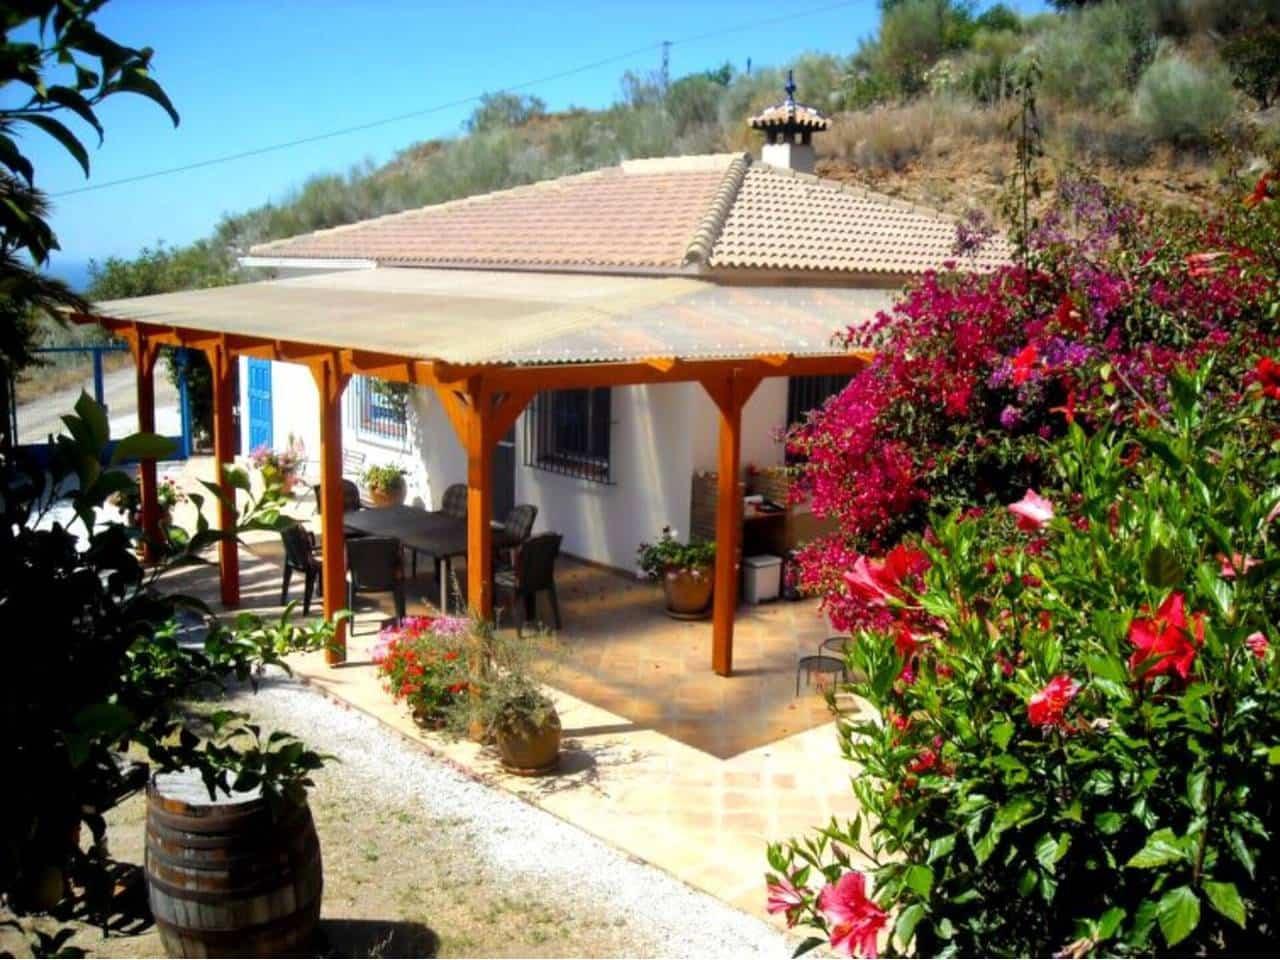 Chalet de 2 habitaciones en La Cala del Moral en alquiler vacacional con piscina - 990 € (Ref: 5906002)